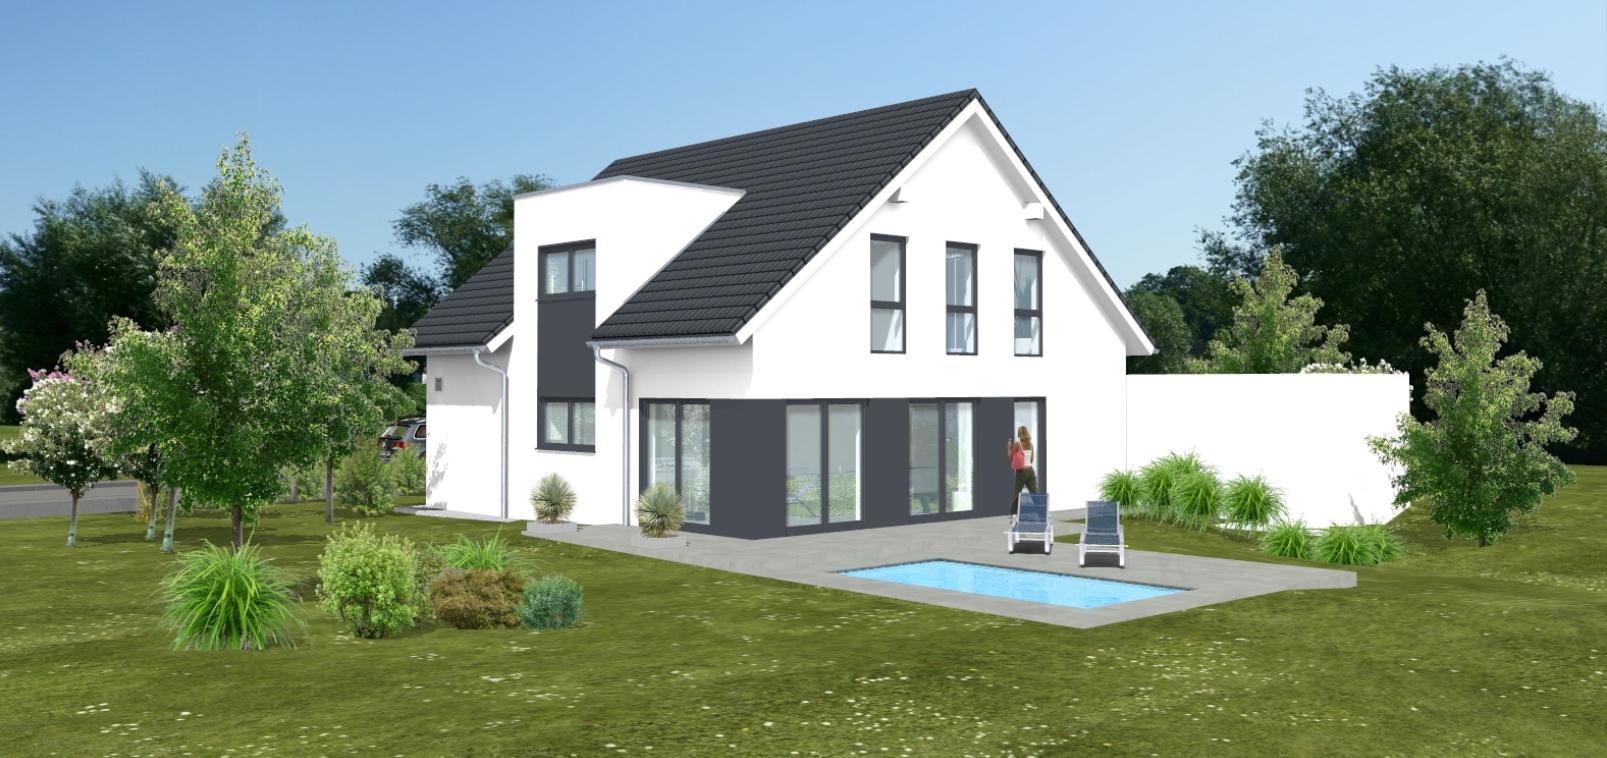 Bauvorhaben ARTOS HAUS in Korschenbroich - Visualisierung 2